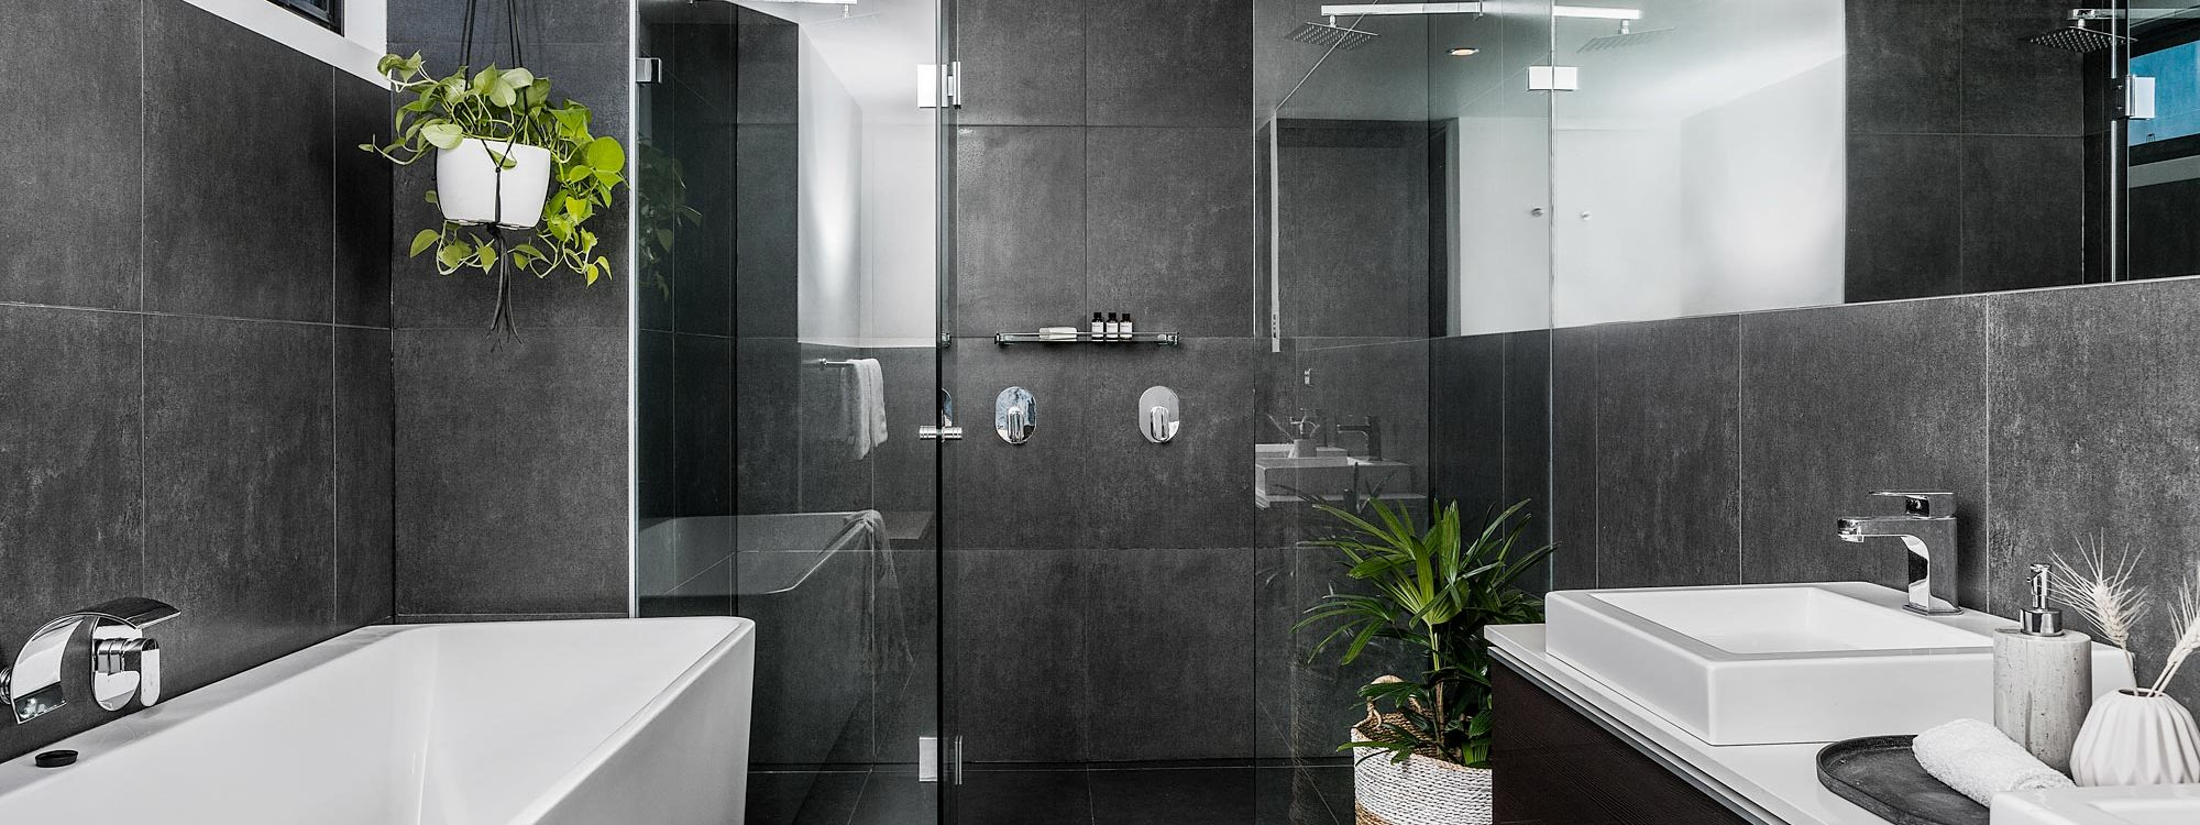 Catalinas - Byron Bay - Ensuite Bathroom a